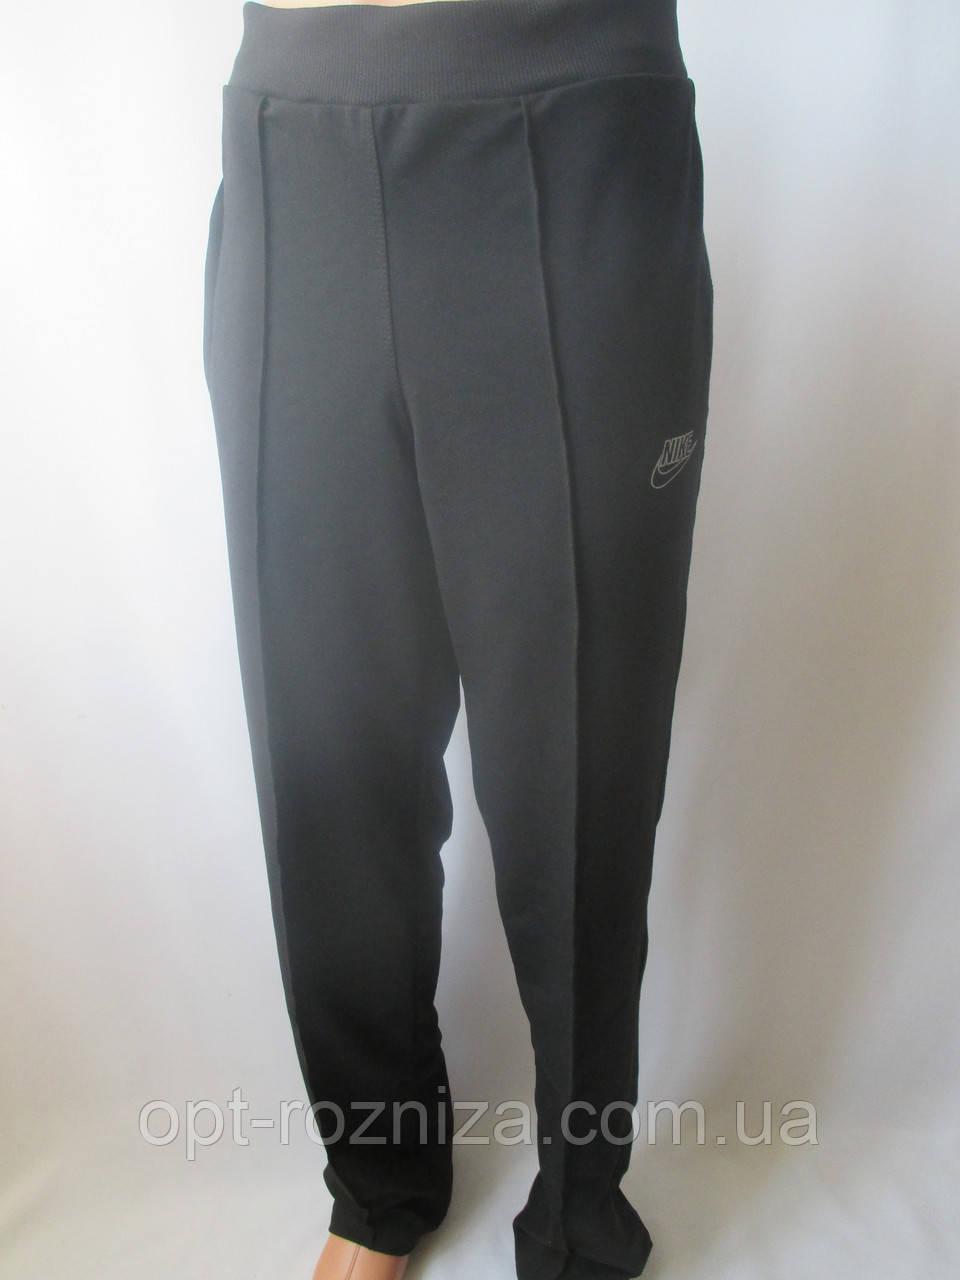 Спортивные штаны для женщин большого размера.